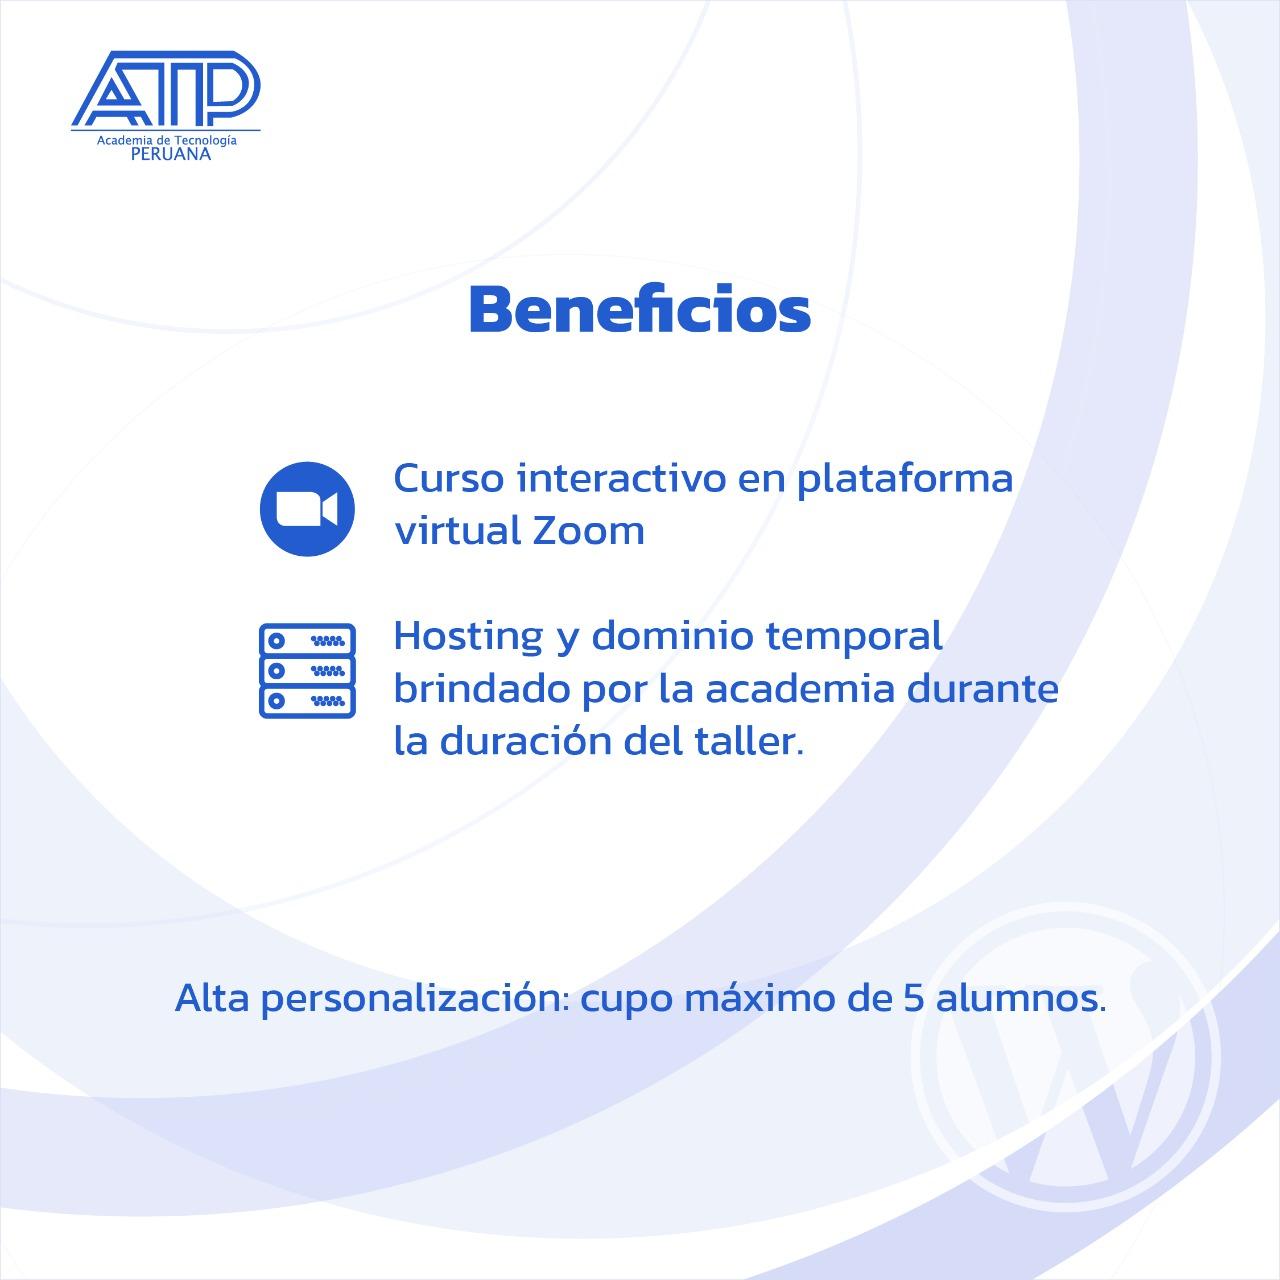 Beneficios de asistir a la vioconferencia de creación de sitios web con WordPress - Academia de Tecnología Peruana